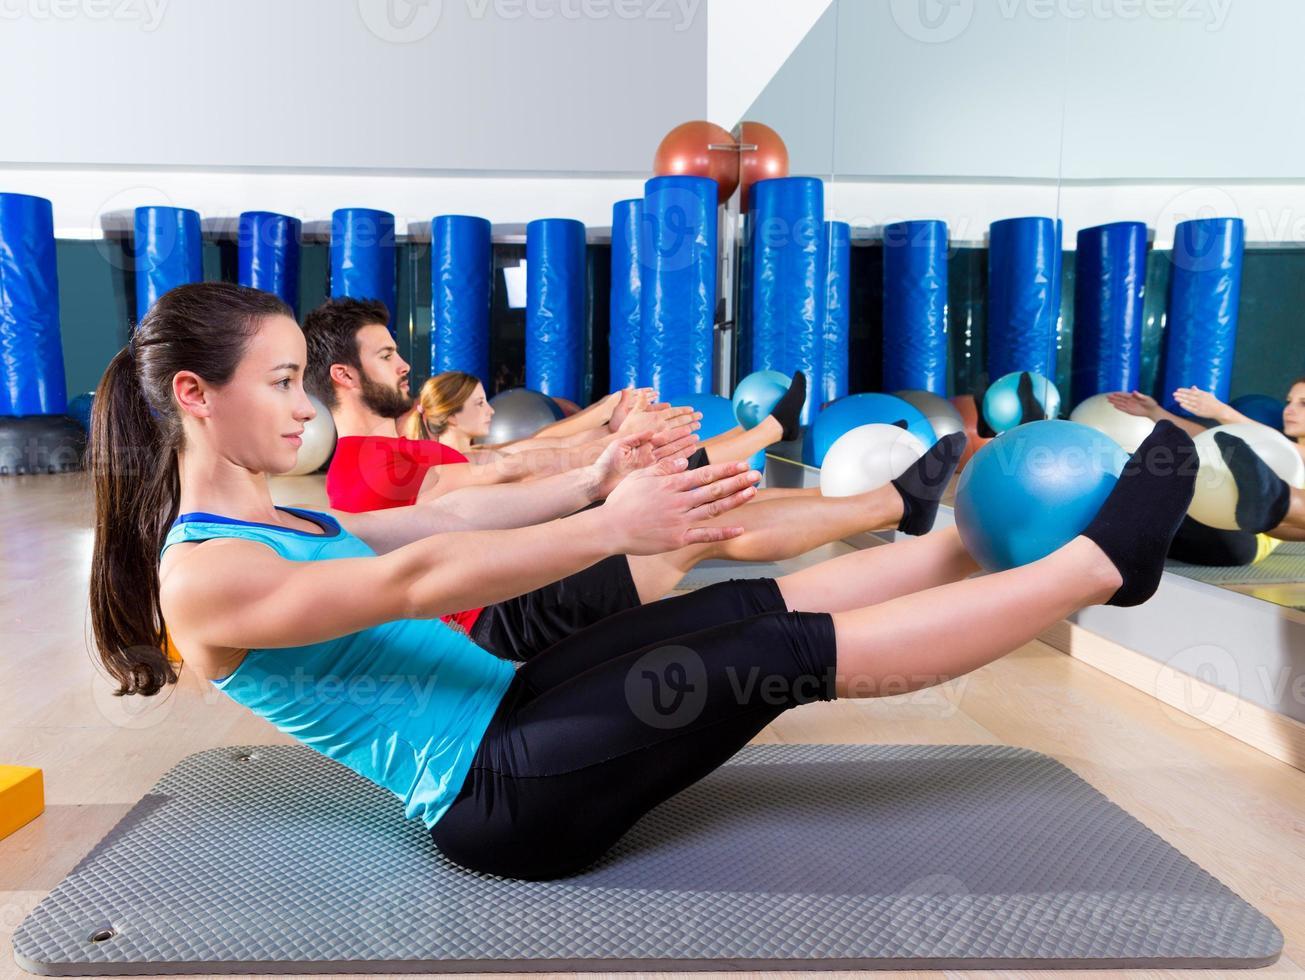 pilates softbal de teaser-groep oefenen in de sportschool foto